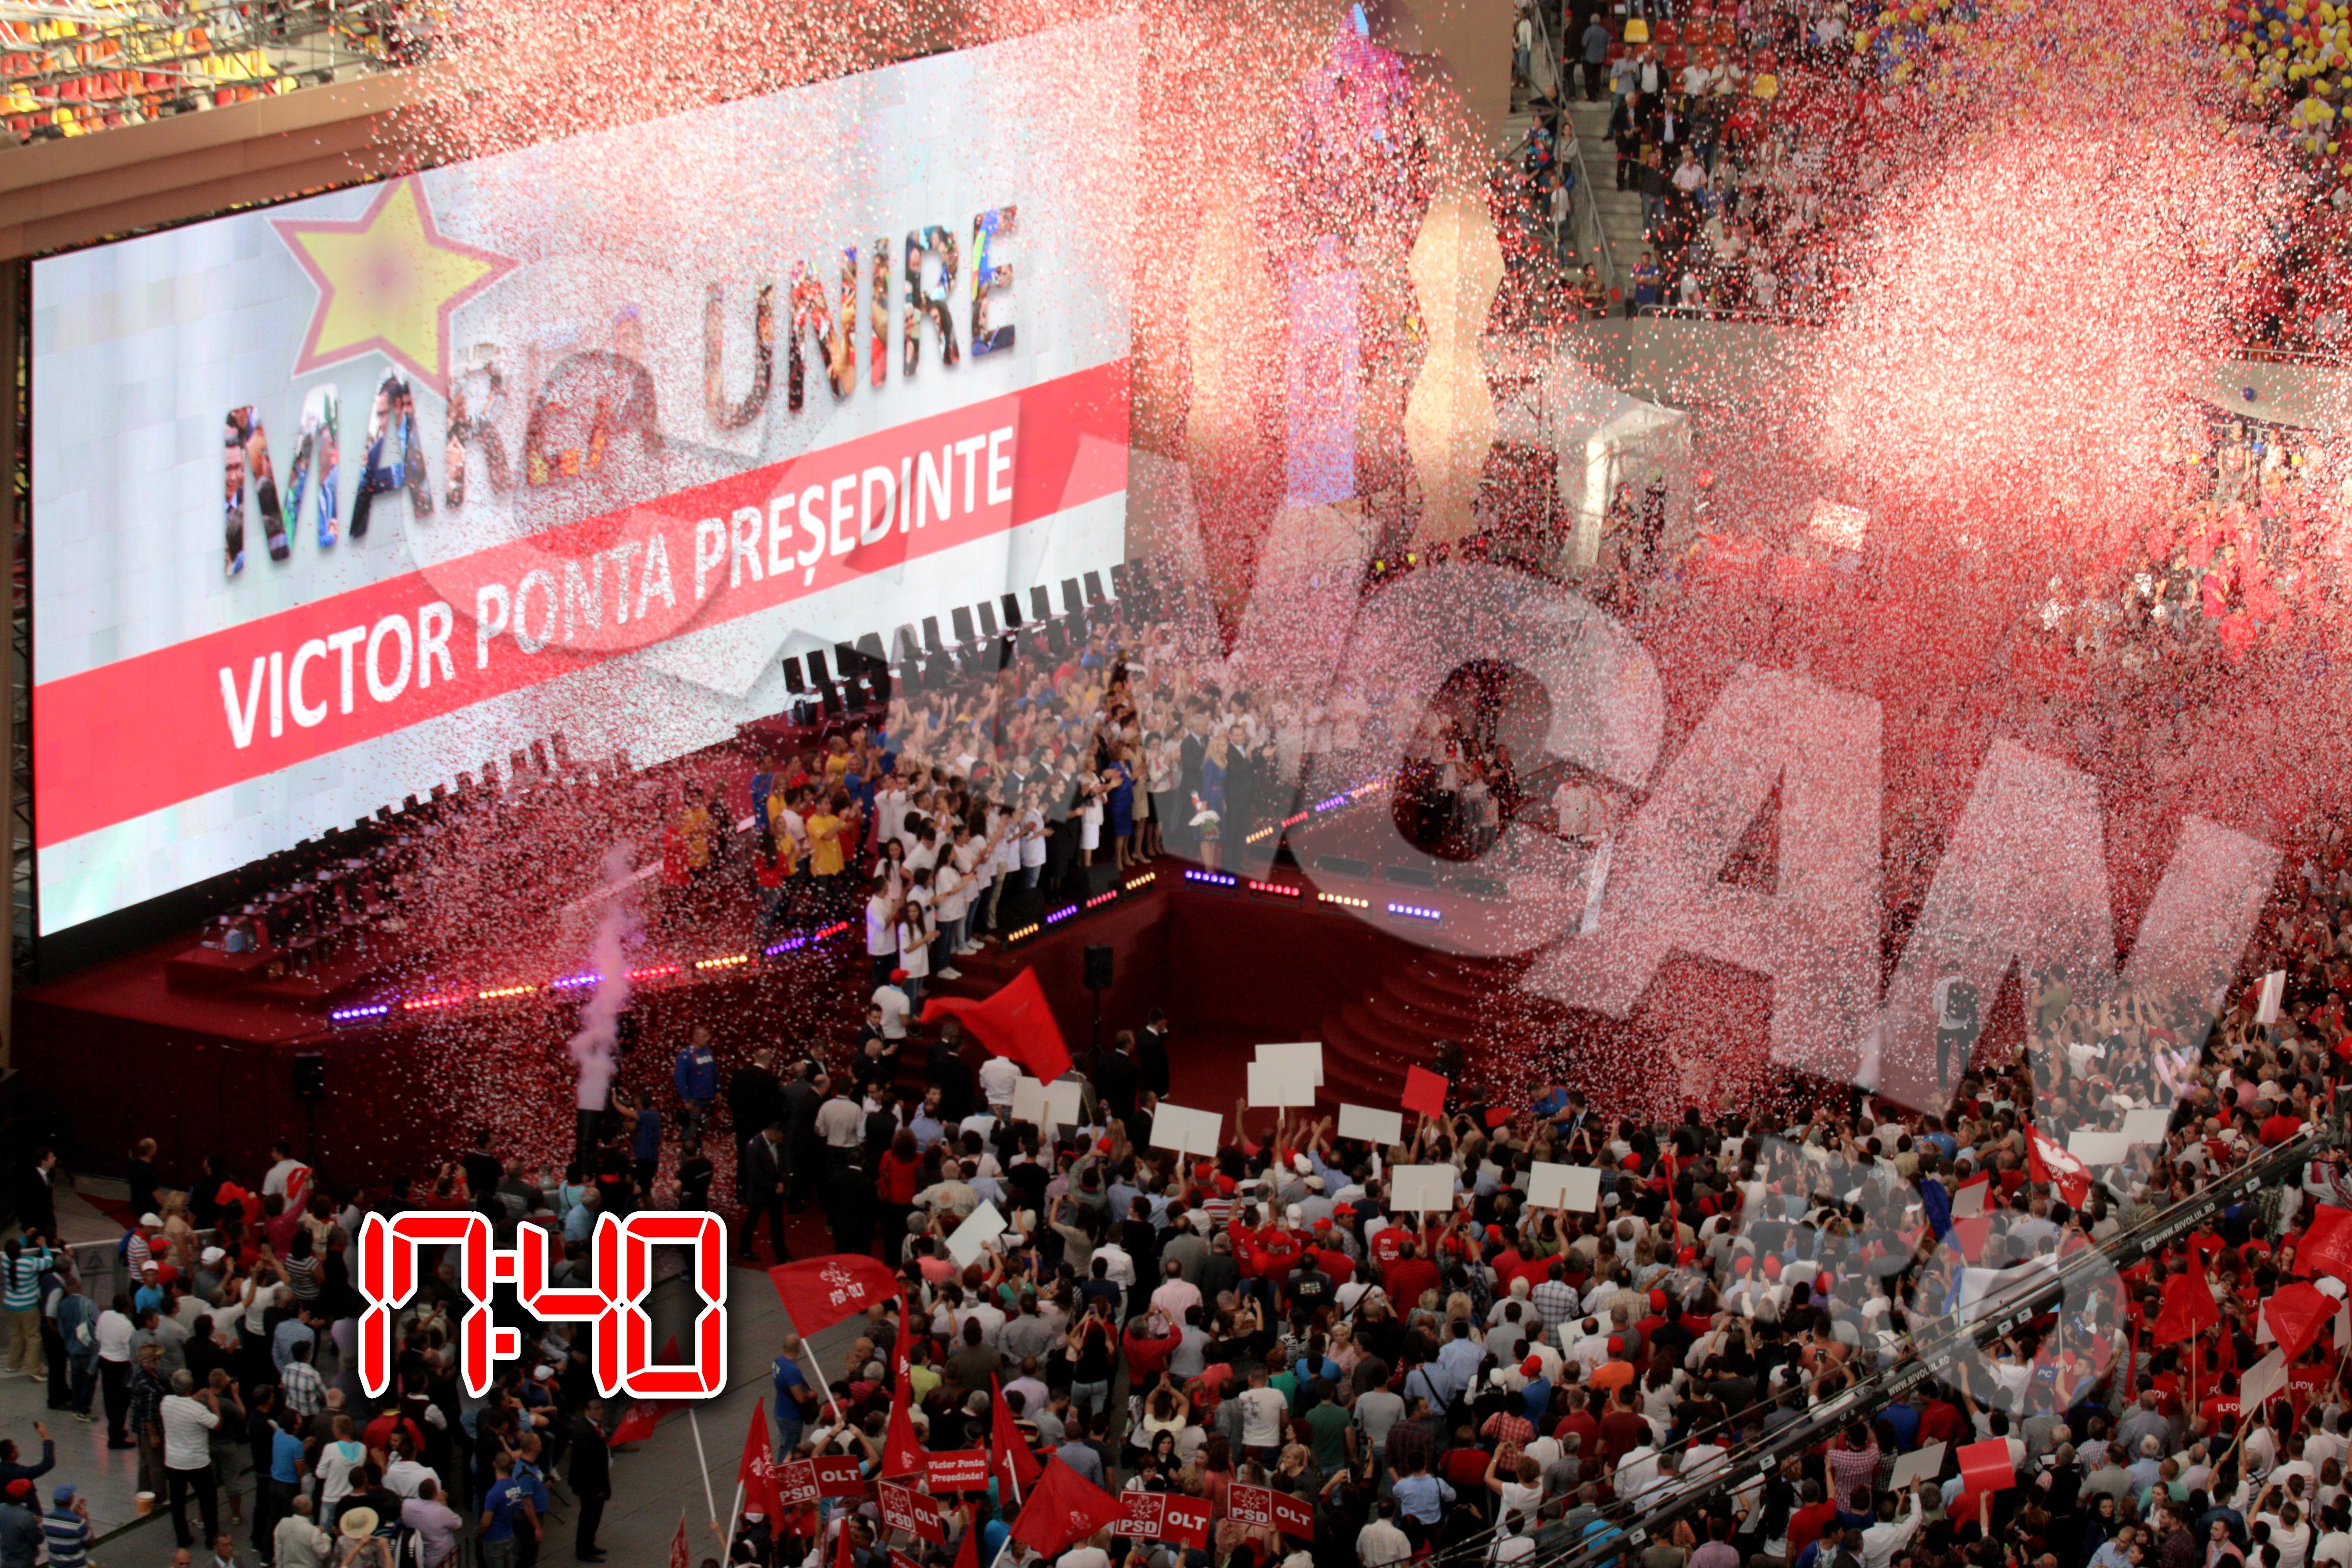 Ponta si-a terminat discursul in uralele salii, iar milioane de confetii au umplut stadionul